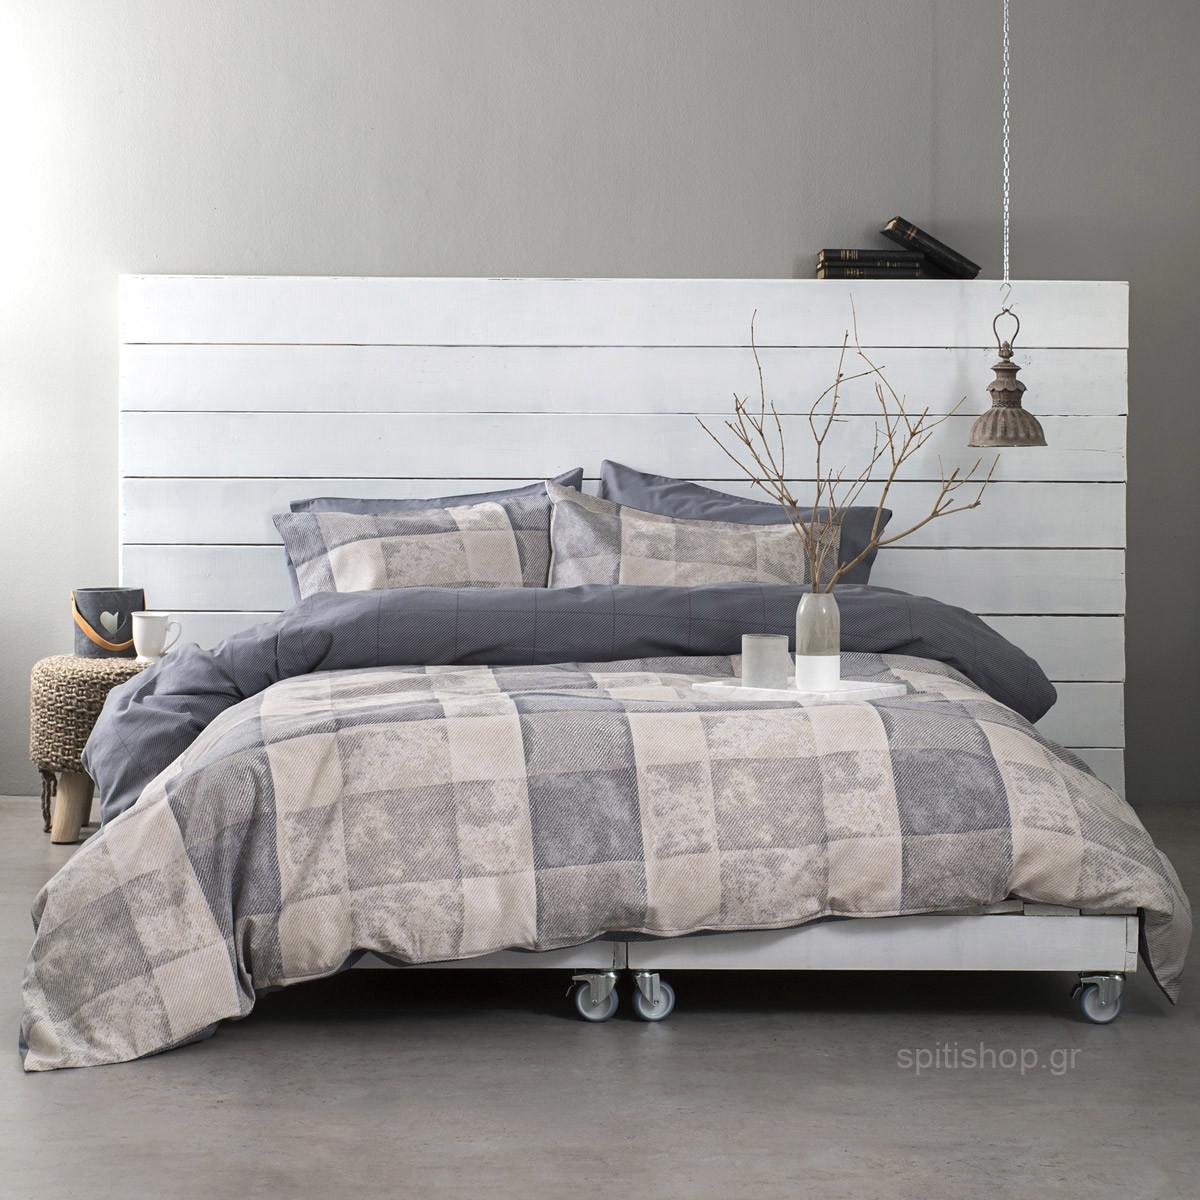 Φανελένια Σεντόνια Μονά (Σετ) Nima Bed Linen Meddley